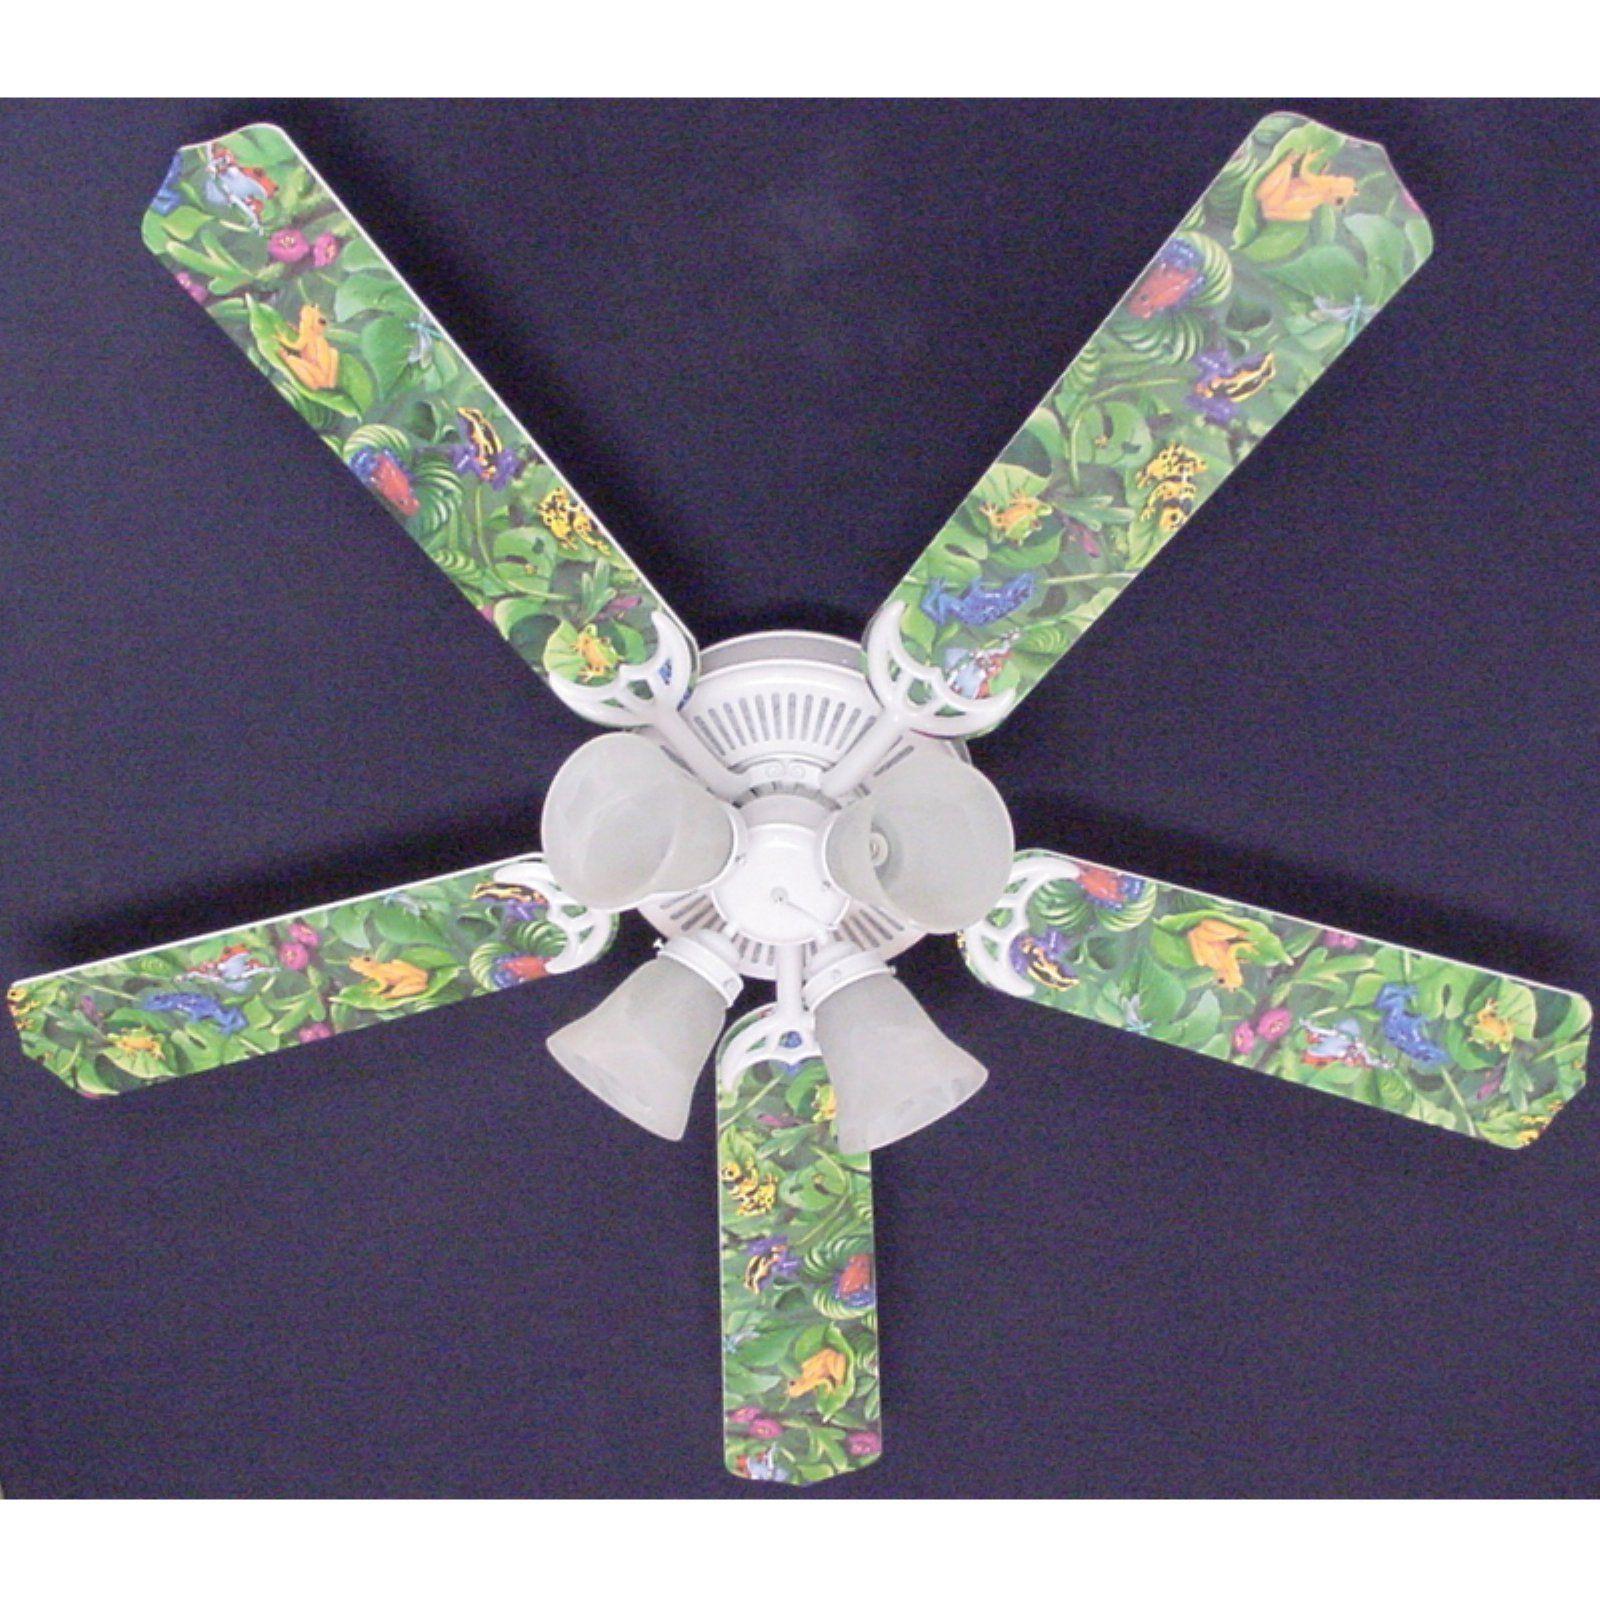 Ceiling Fan Designers Tropical Rainforest Frogs Frog Indoor Ceiling Fan Ceiling Fan Ceiling Fan Light Kit Rainforest Frog